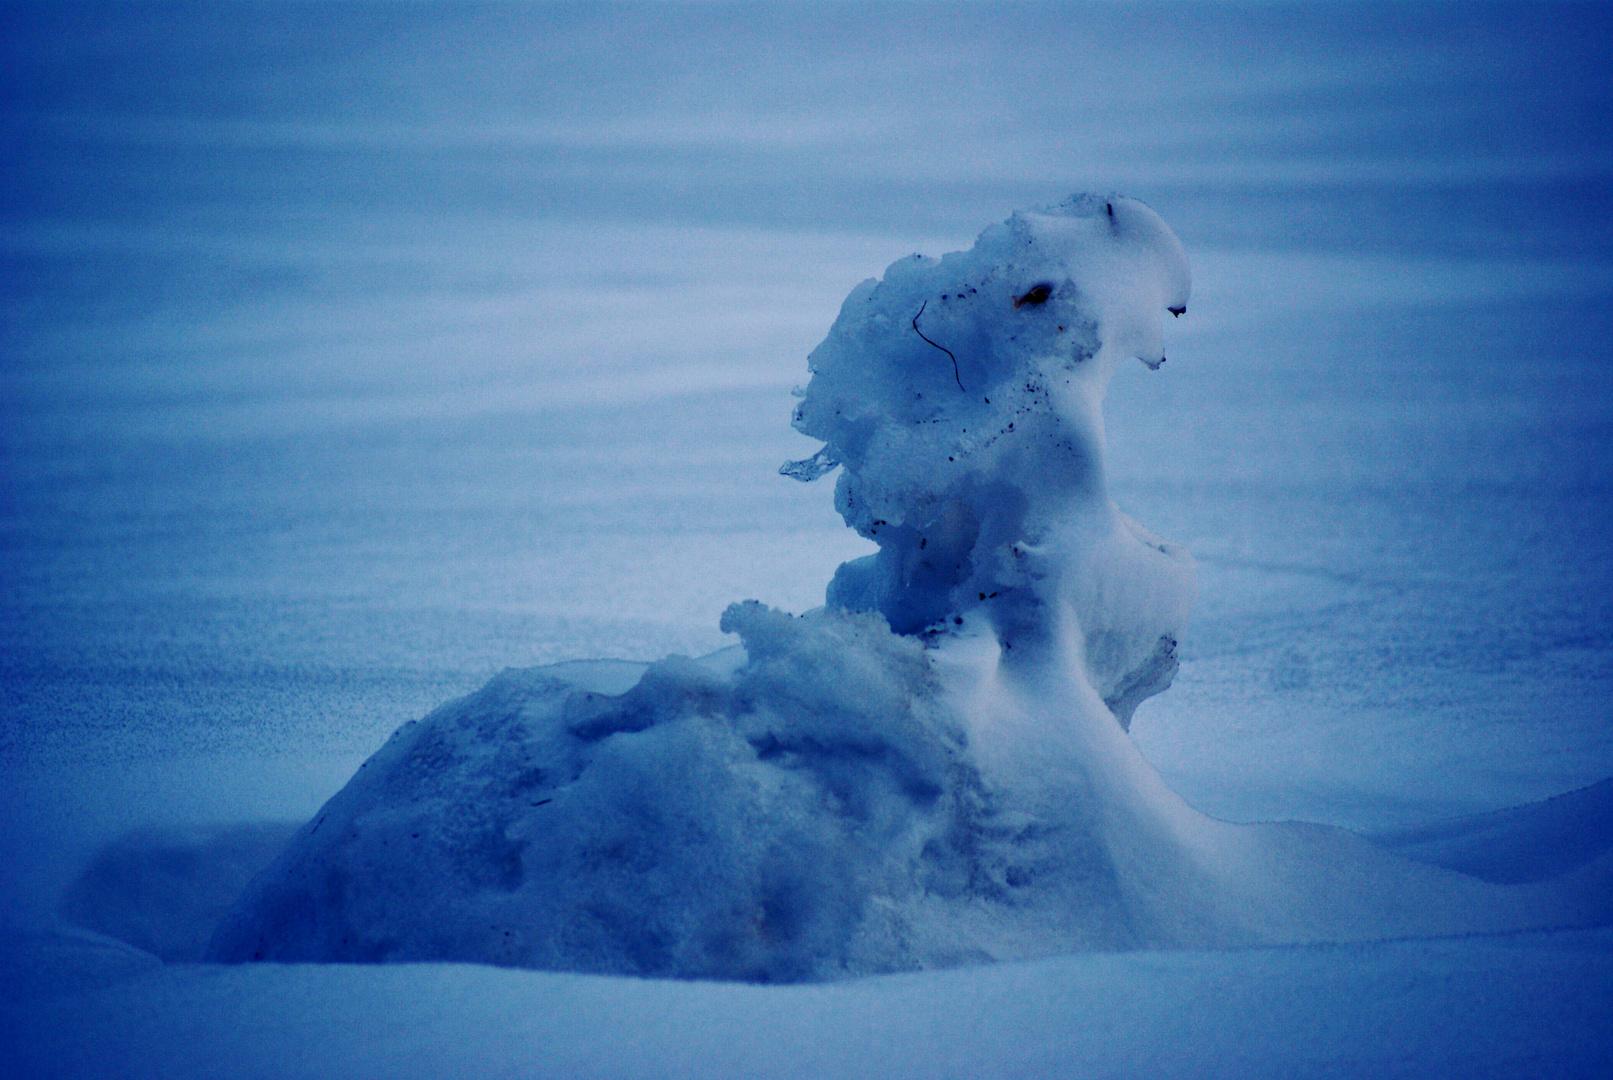 Jungdrache im Schnee